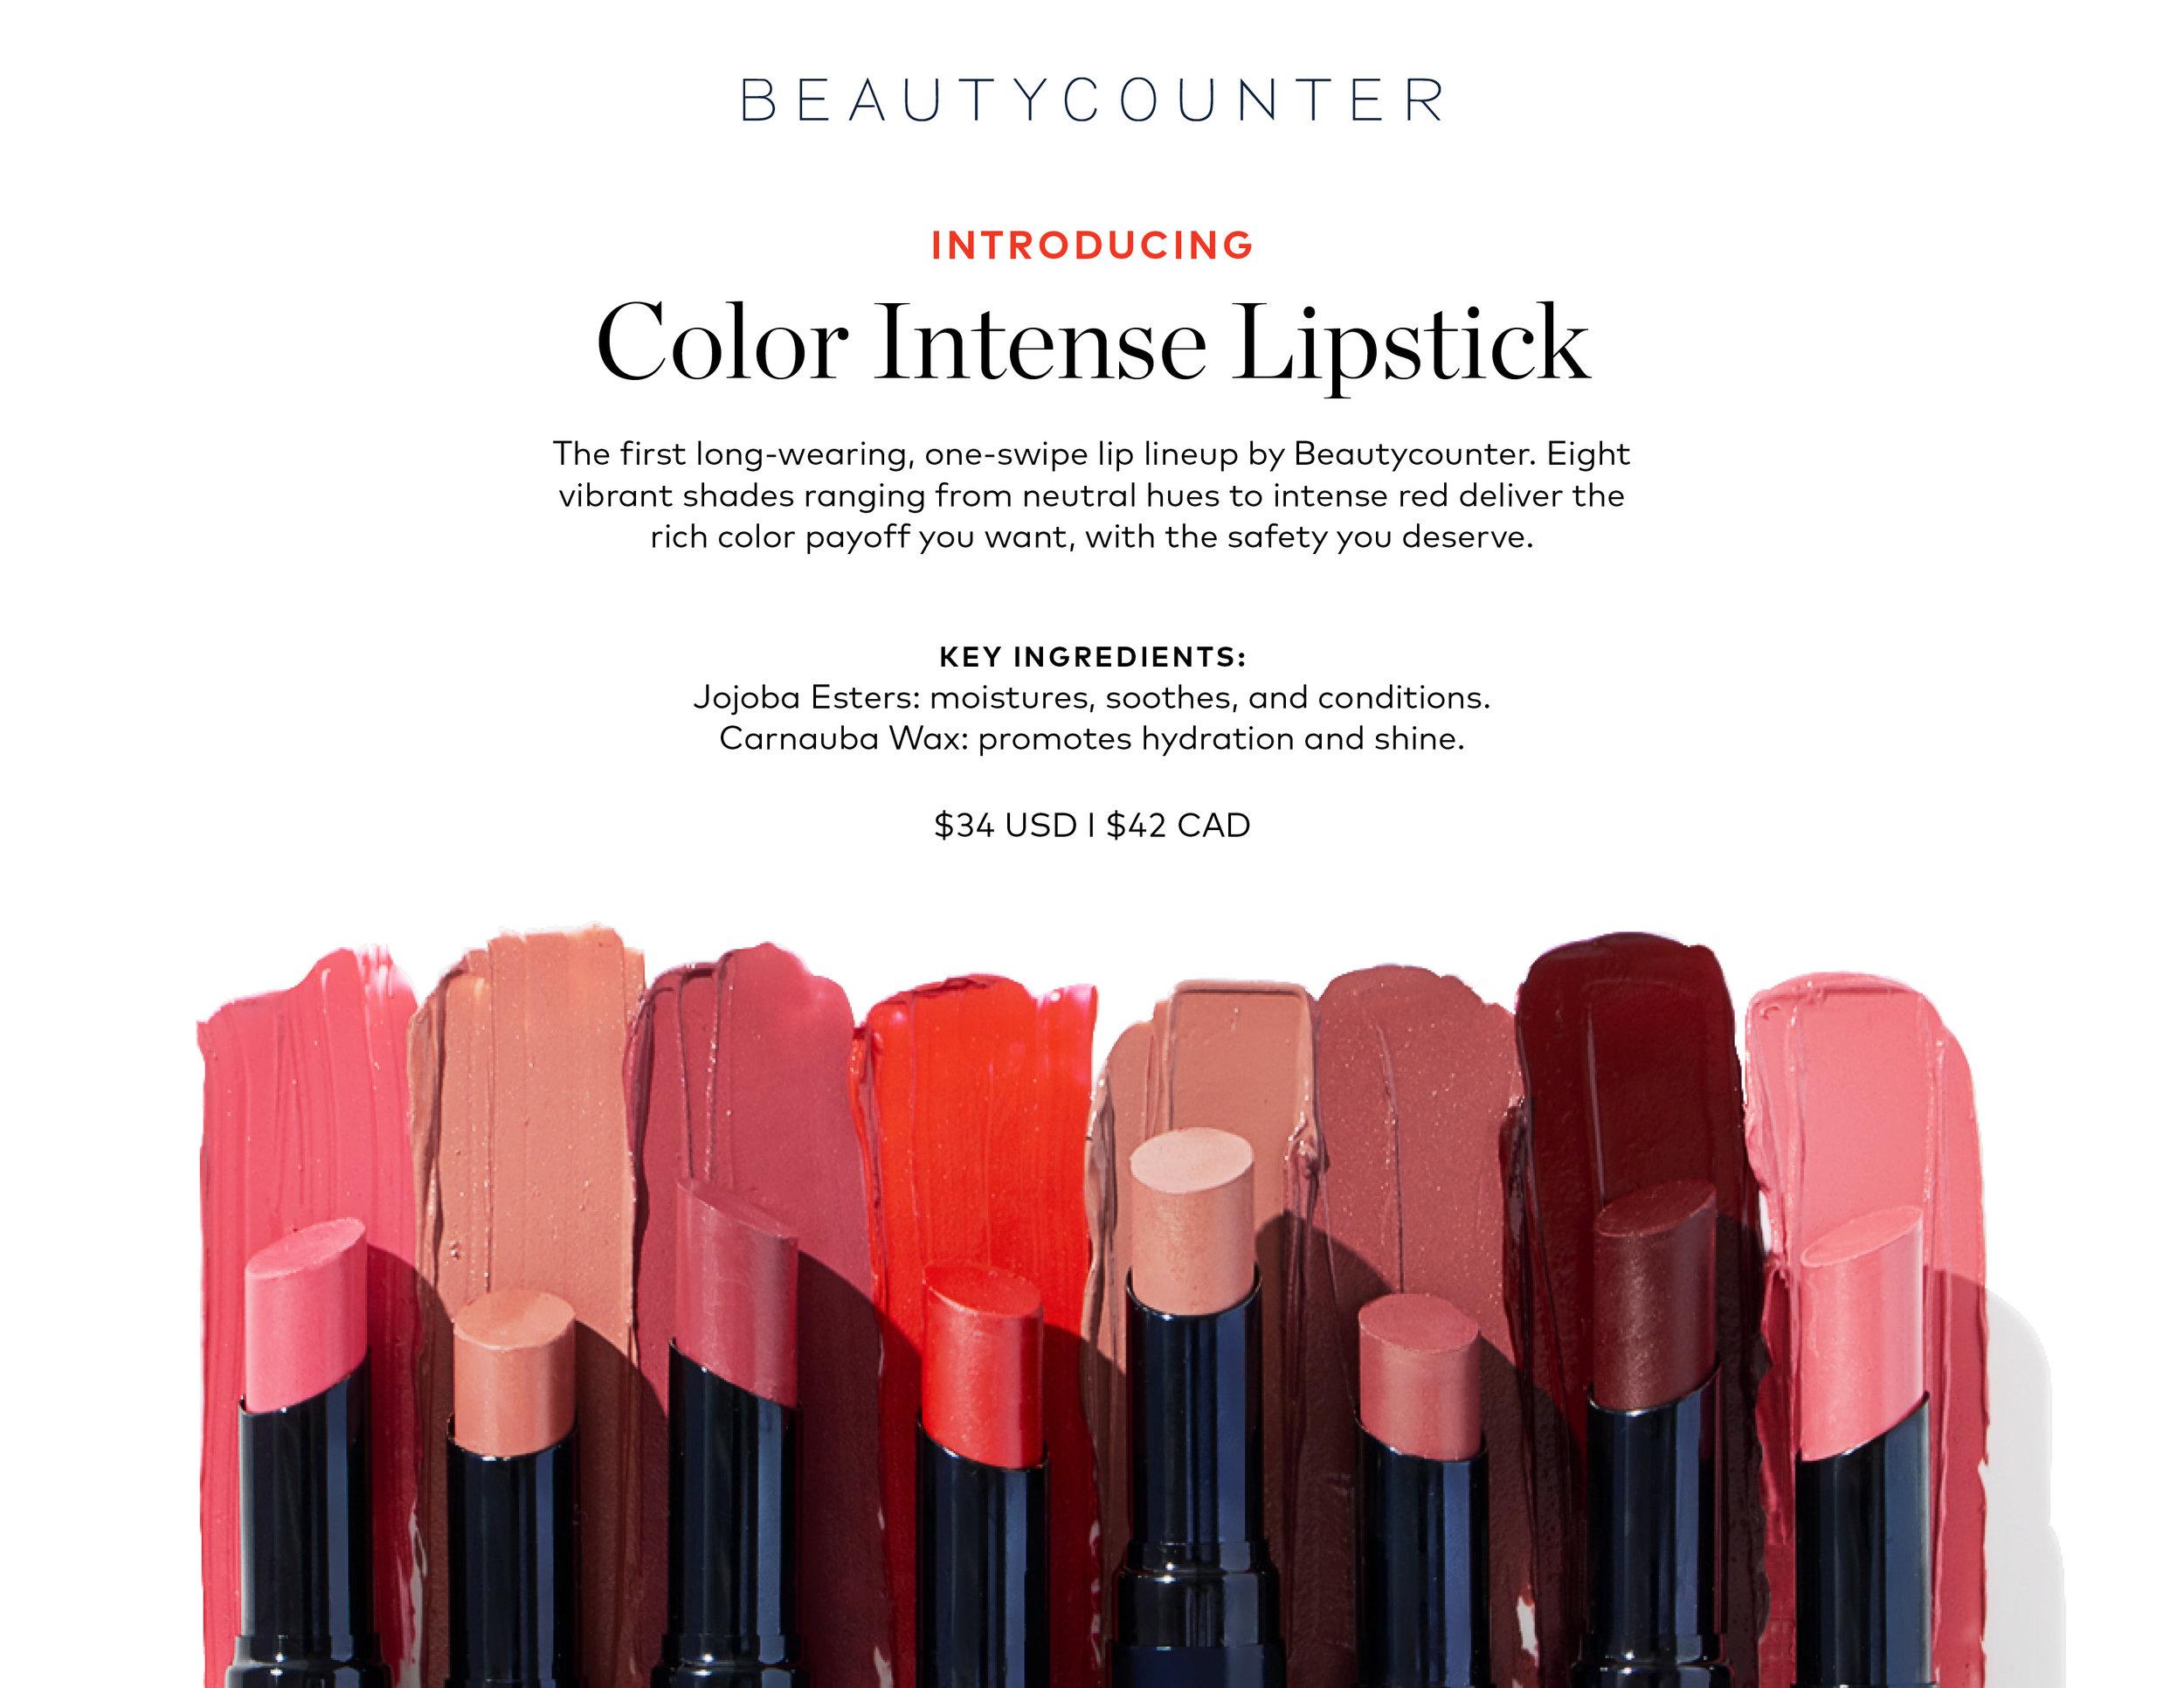 Color Intense Lipstick